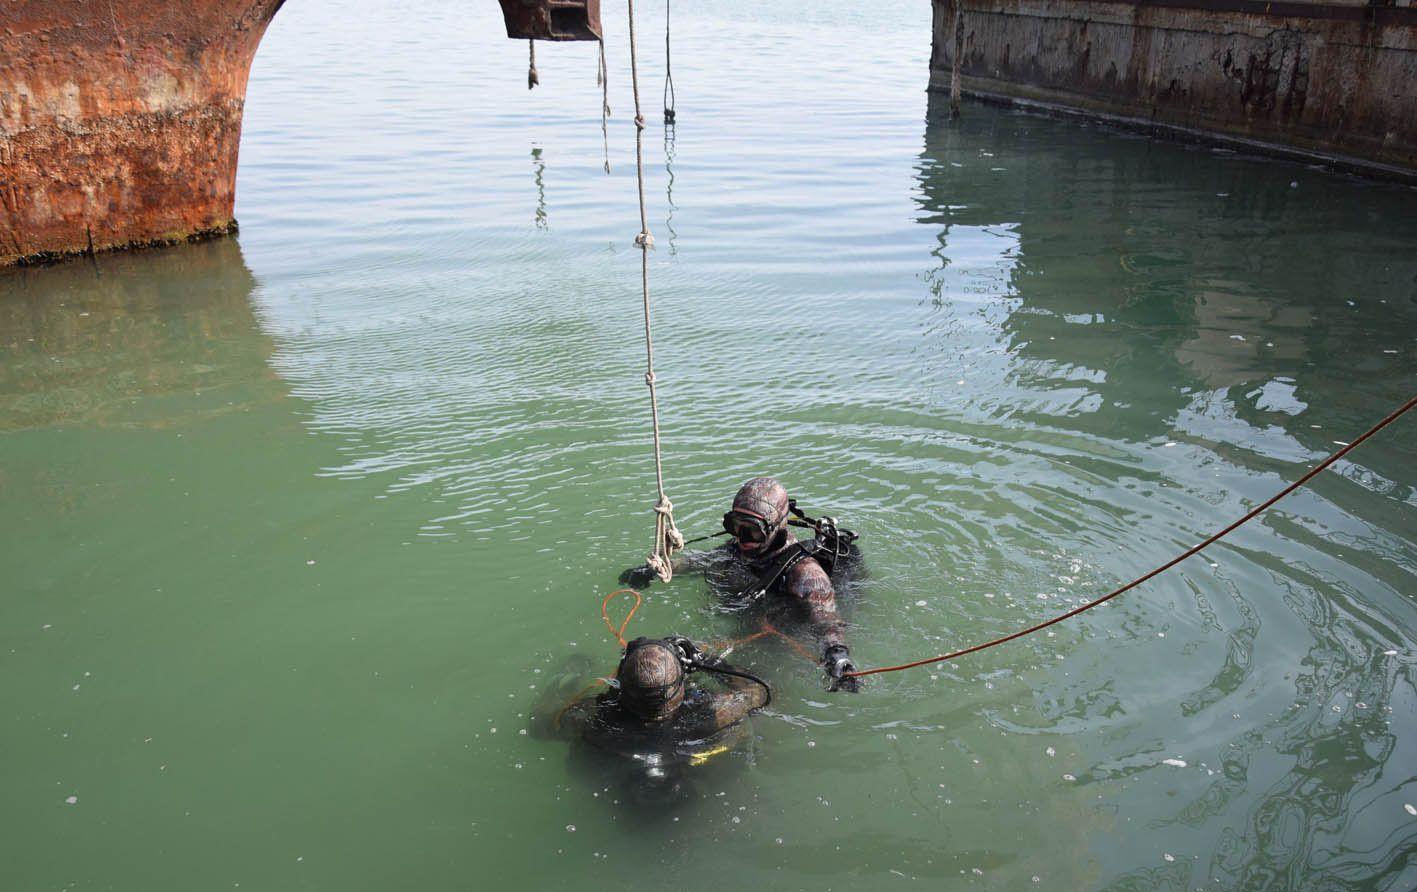 Триває підготовка протидиверсійного підводного підрозділу